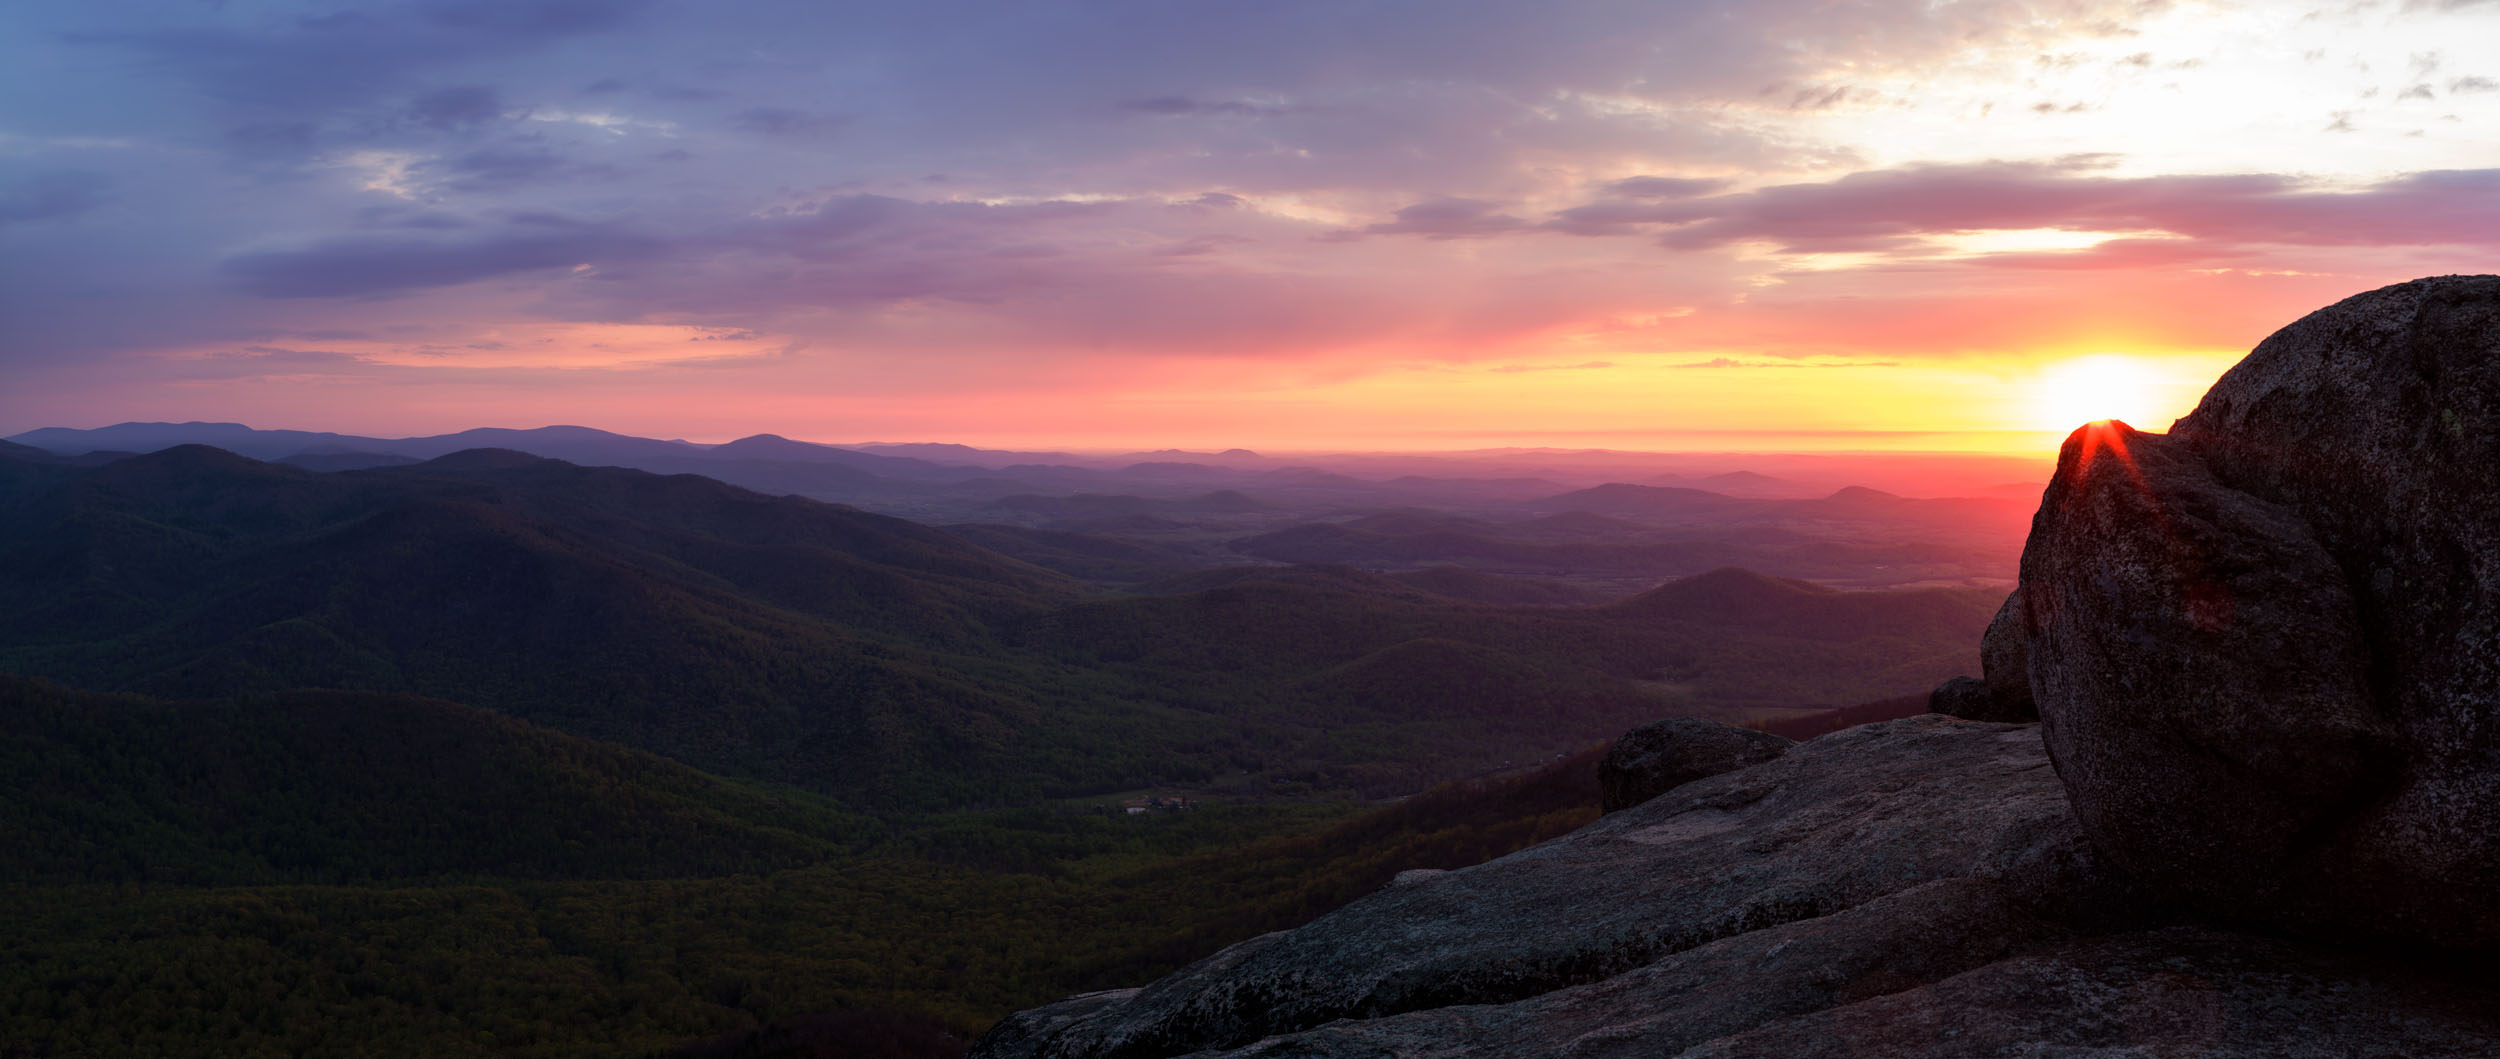 Rag Mountain, VA